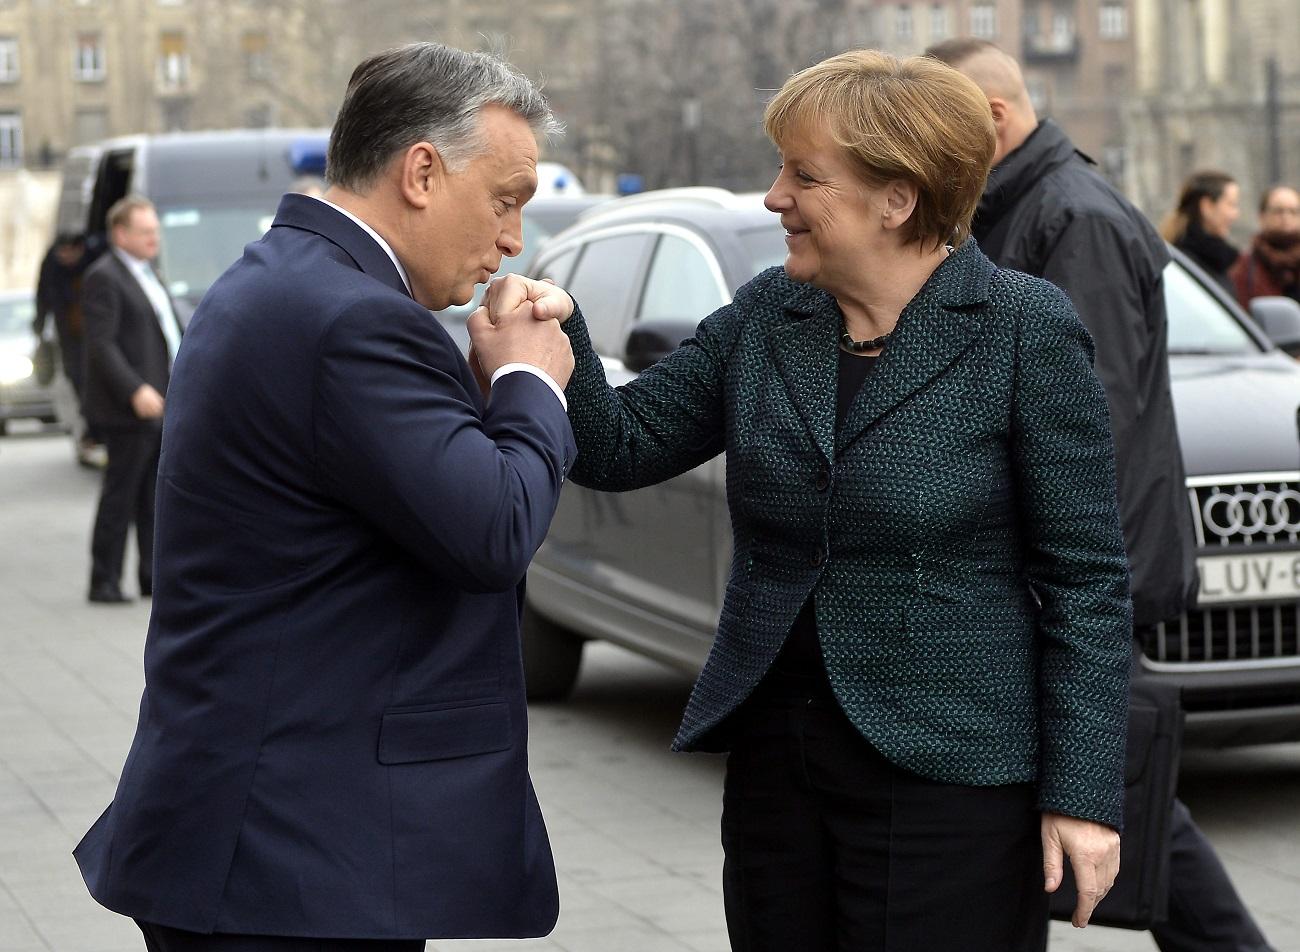 Tényleg brutális büntetést szabnának ki a menekültkvótájuk befogadását megtagadó EU-államokra